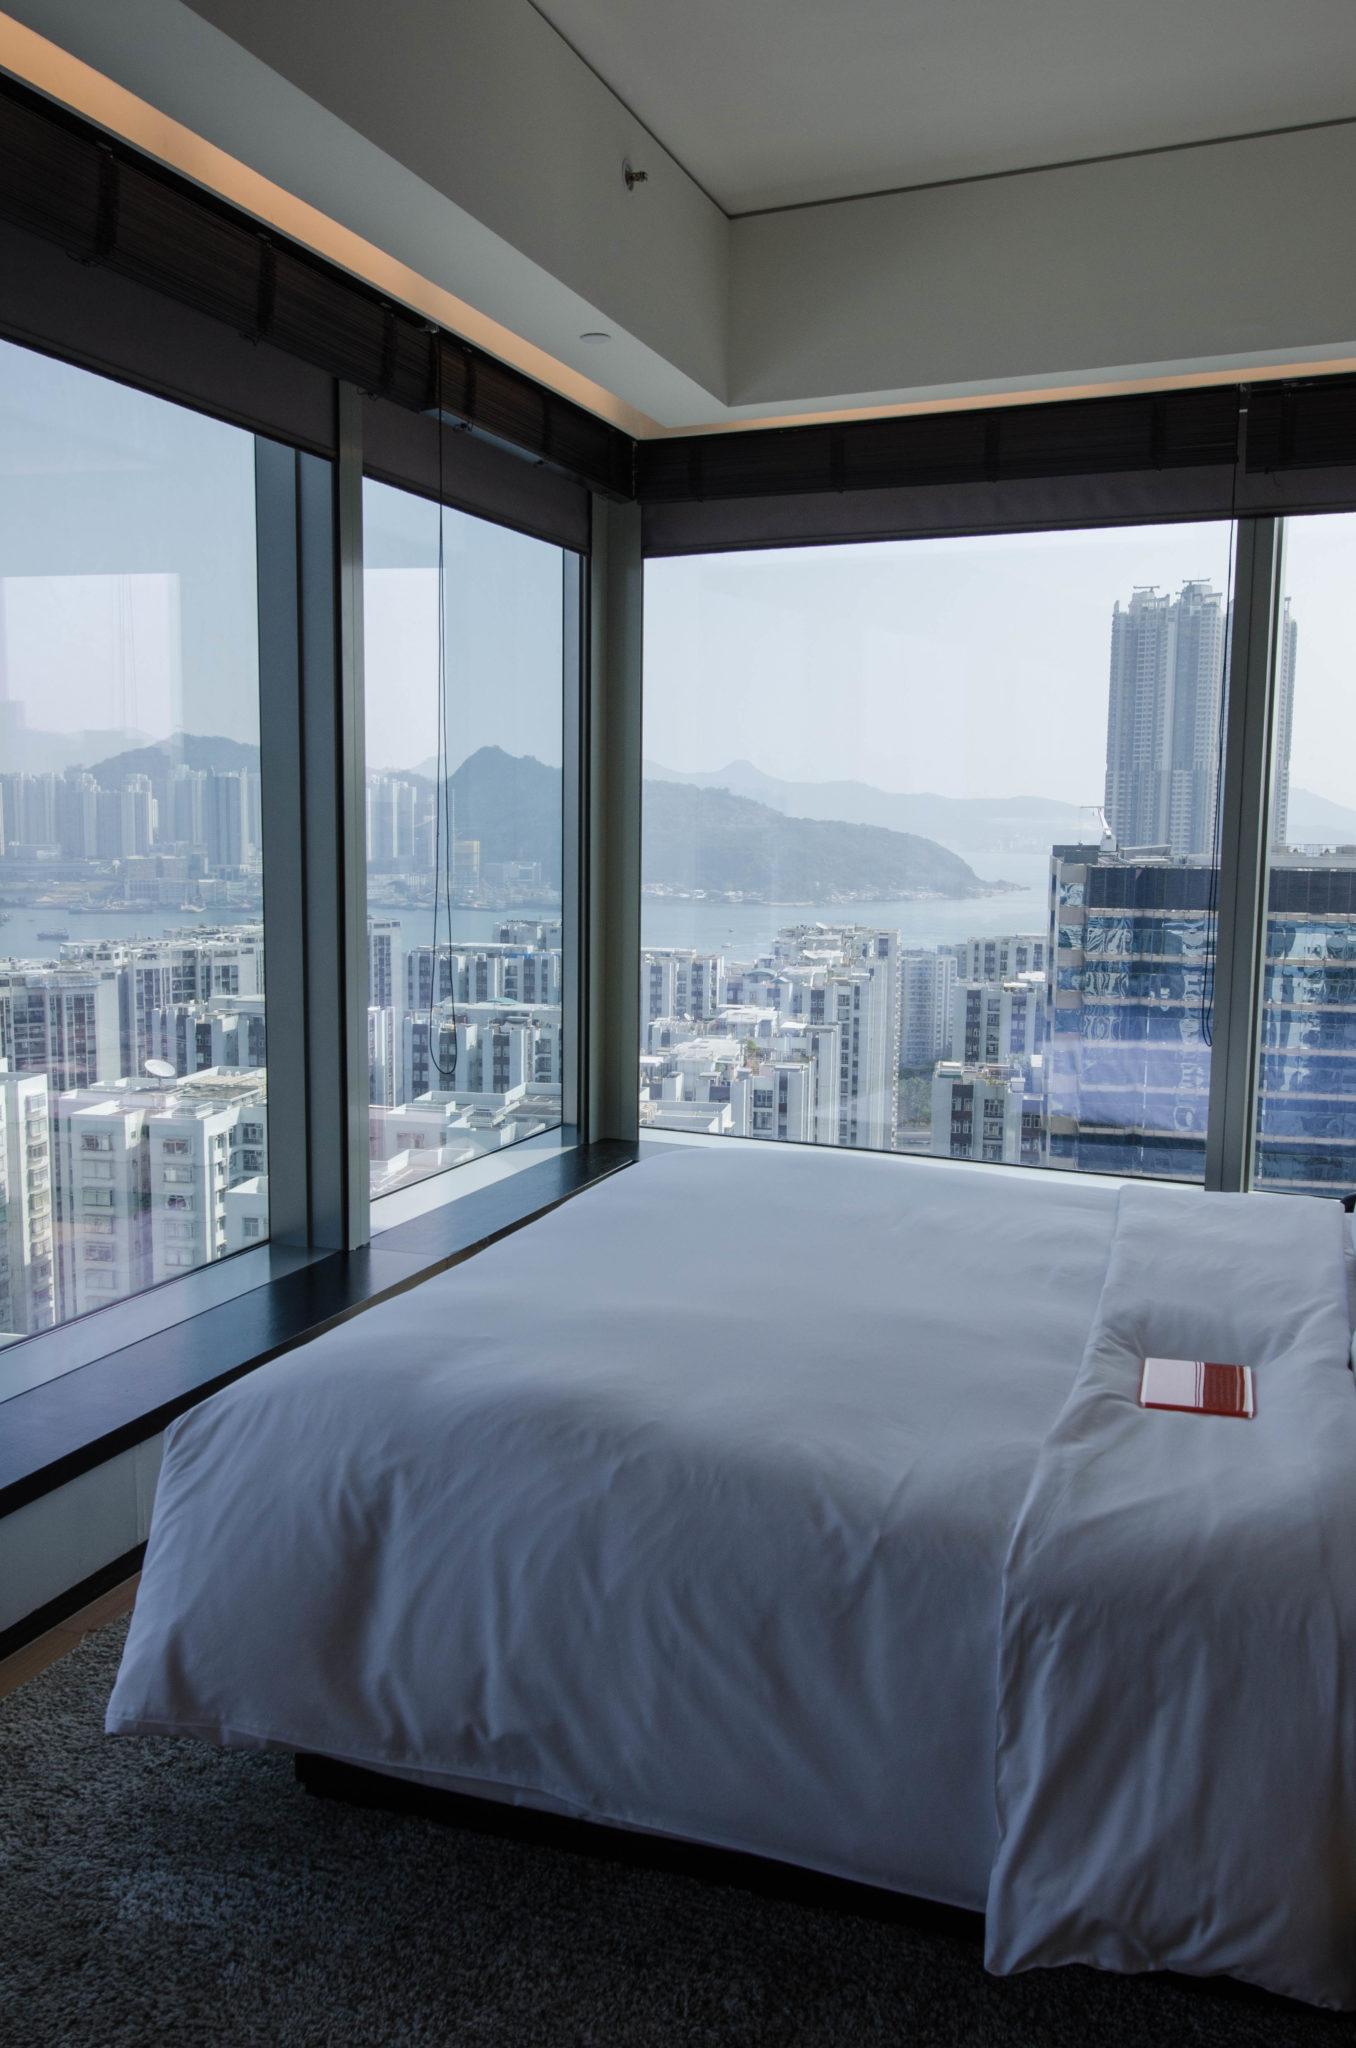 Hongkong Reisetipps: Die Wahl der Unterkunft ist eine Schwierige.